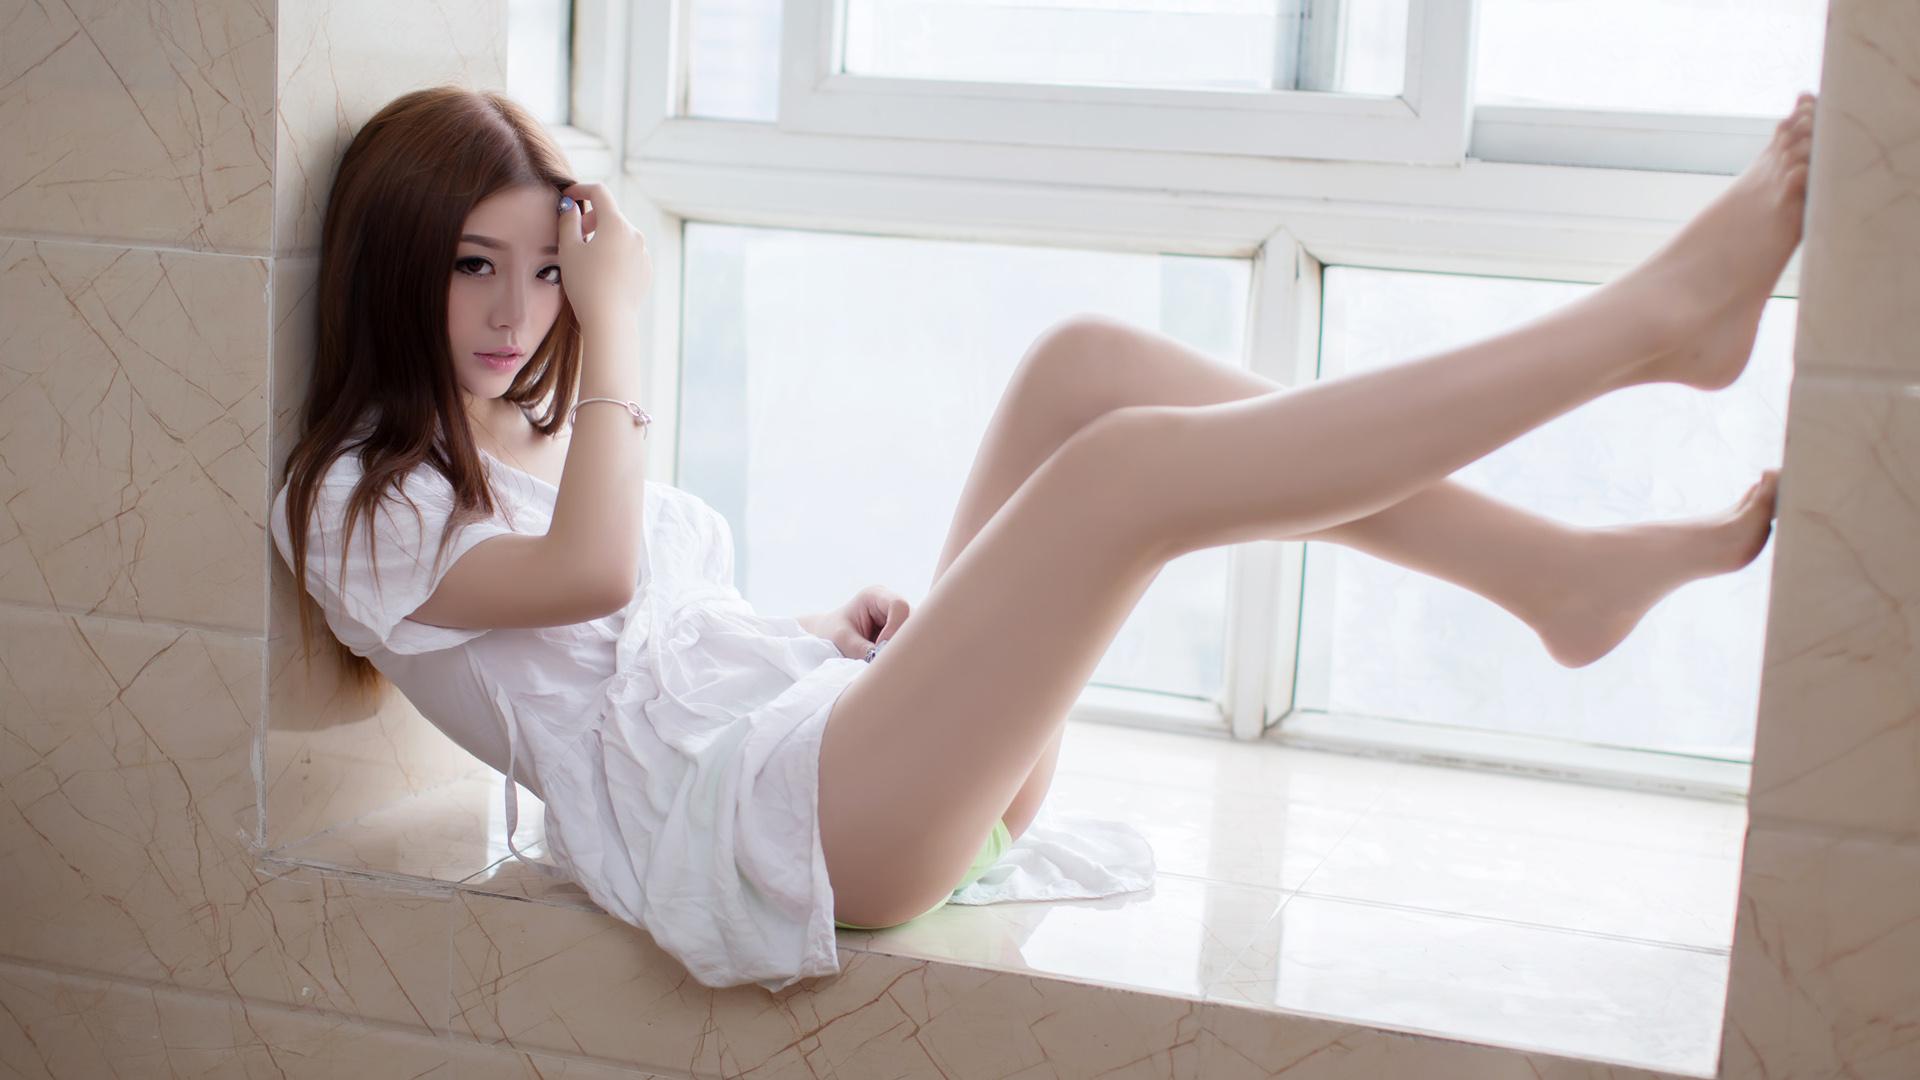 东野子乔手册:探探撩妹技巧,一招教你收微信号